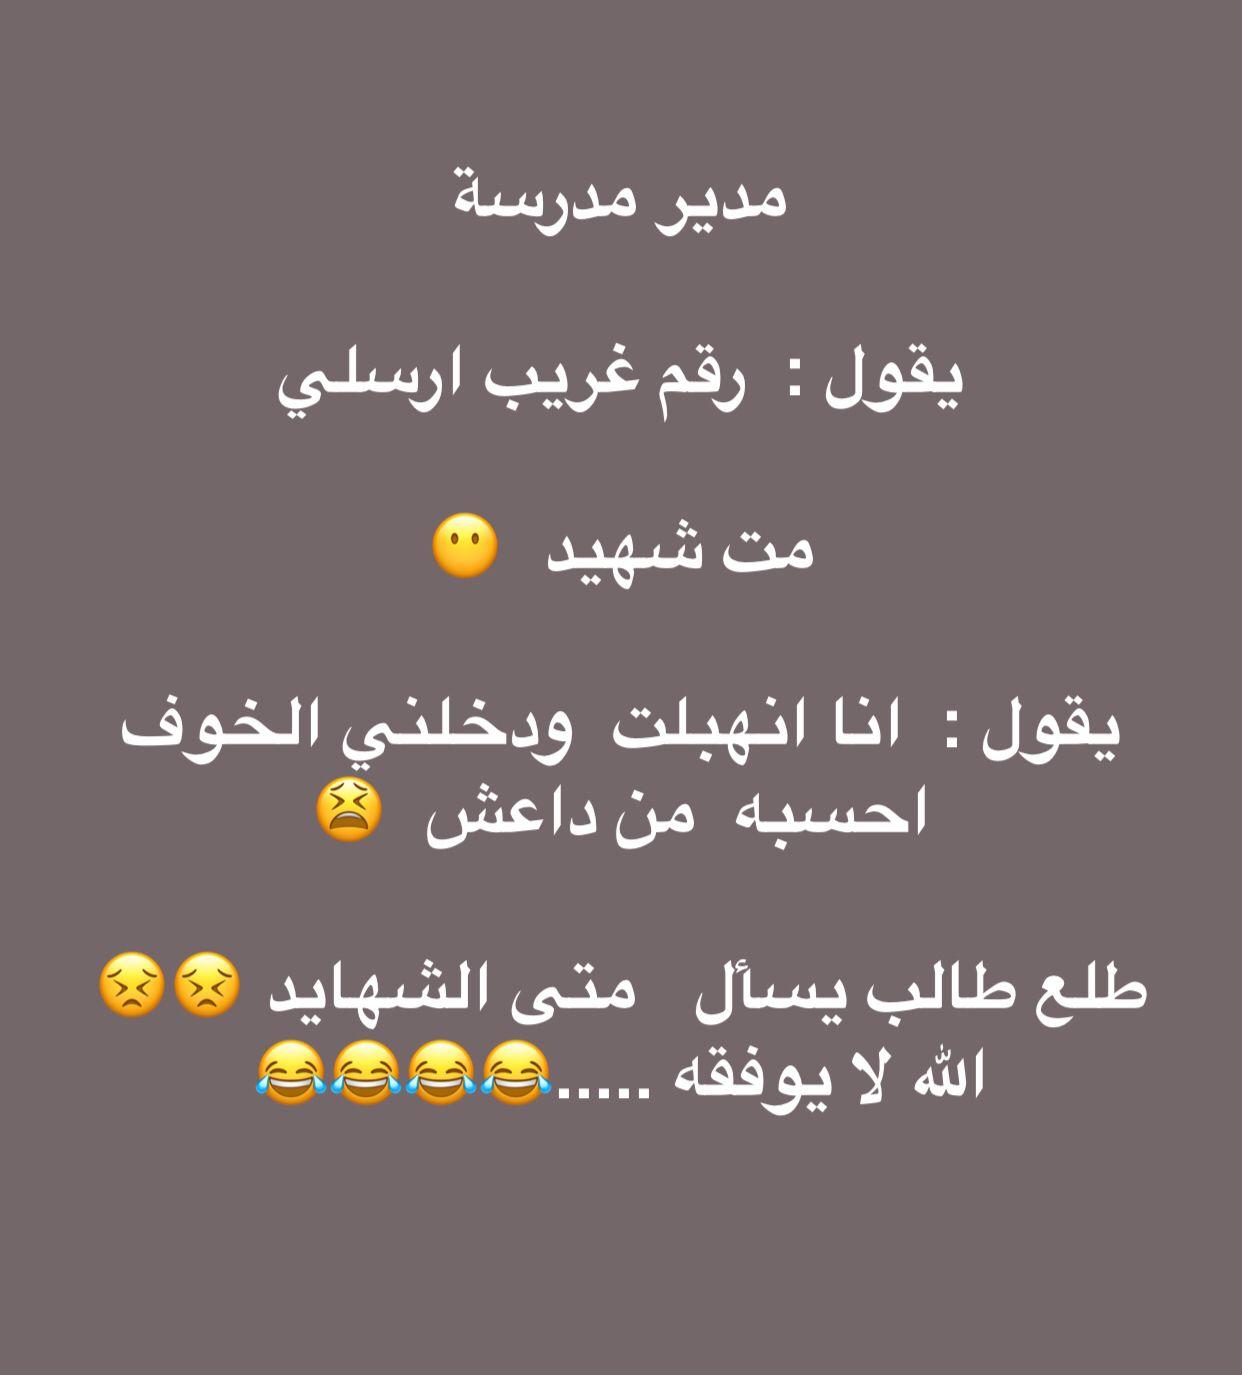 Pin By الفجر الجميل Iįoom141 On كل على همه سرى وزارة الضحك Jokes Quotes Funny Words Arabic Funny